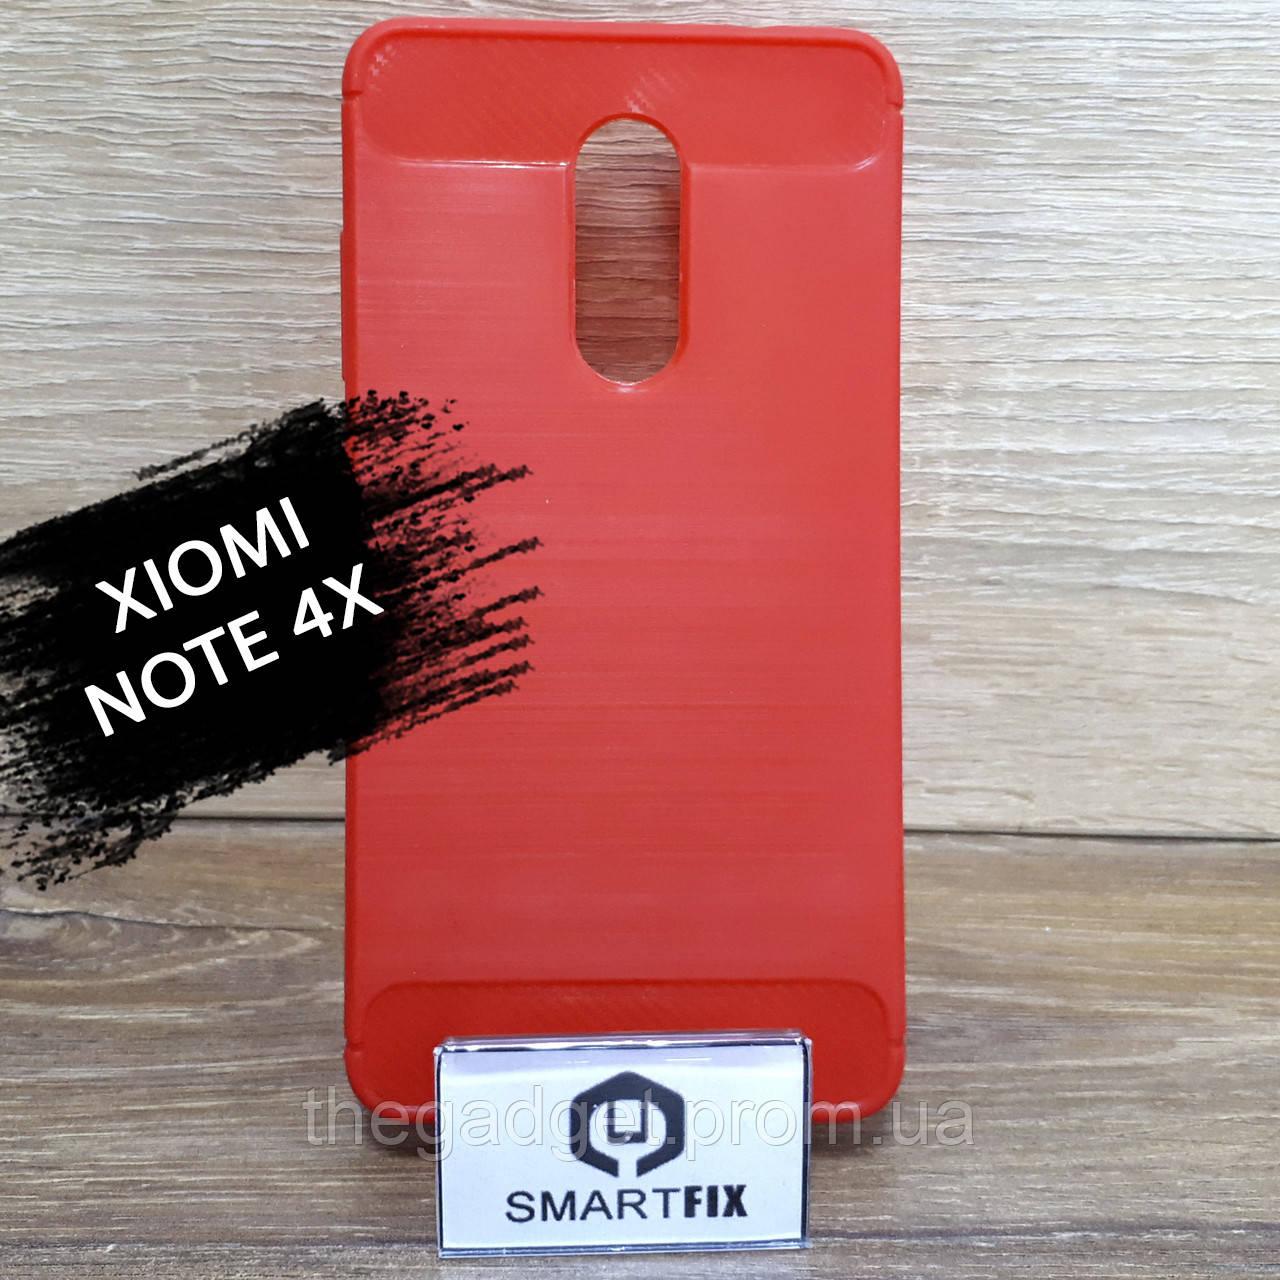 Противоударный чехол для Xiaomi Redmi Note 4X Ultimate